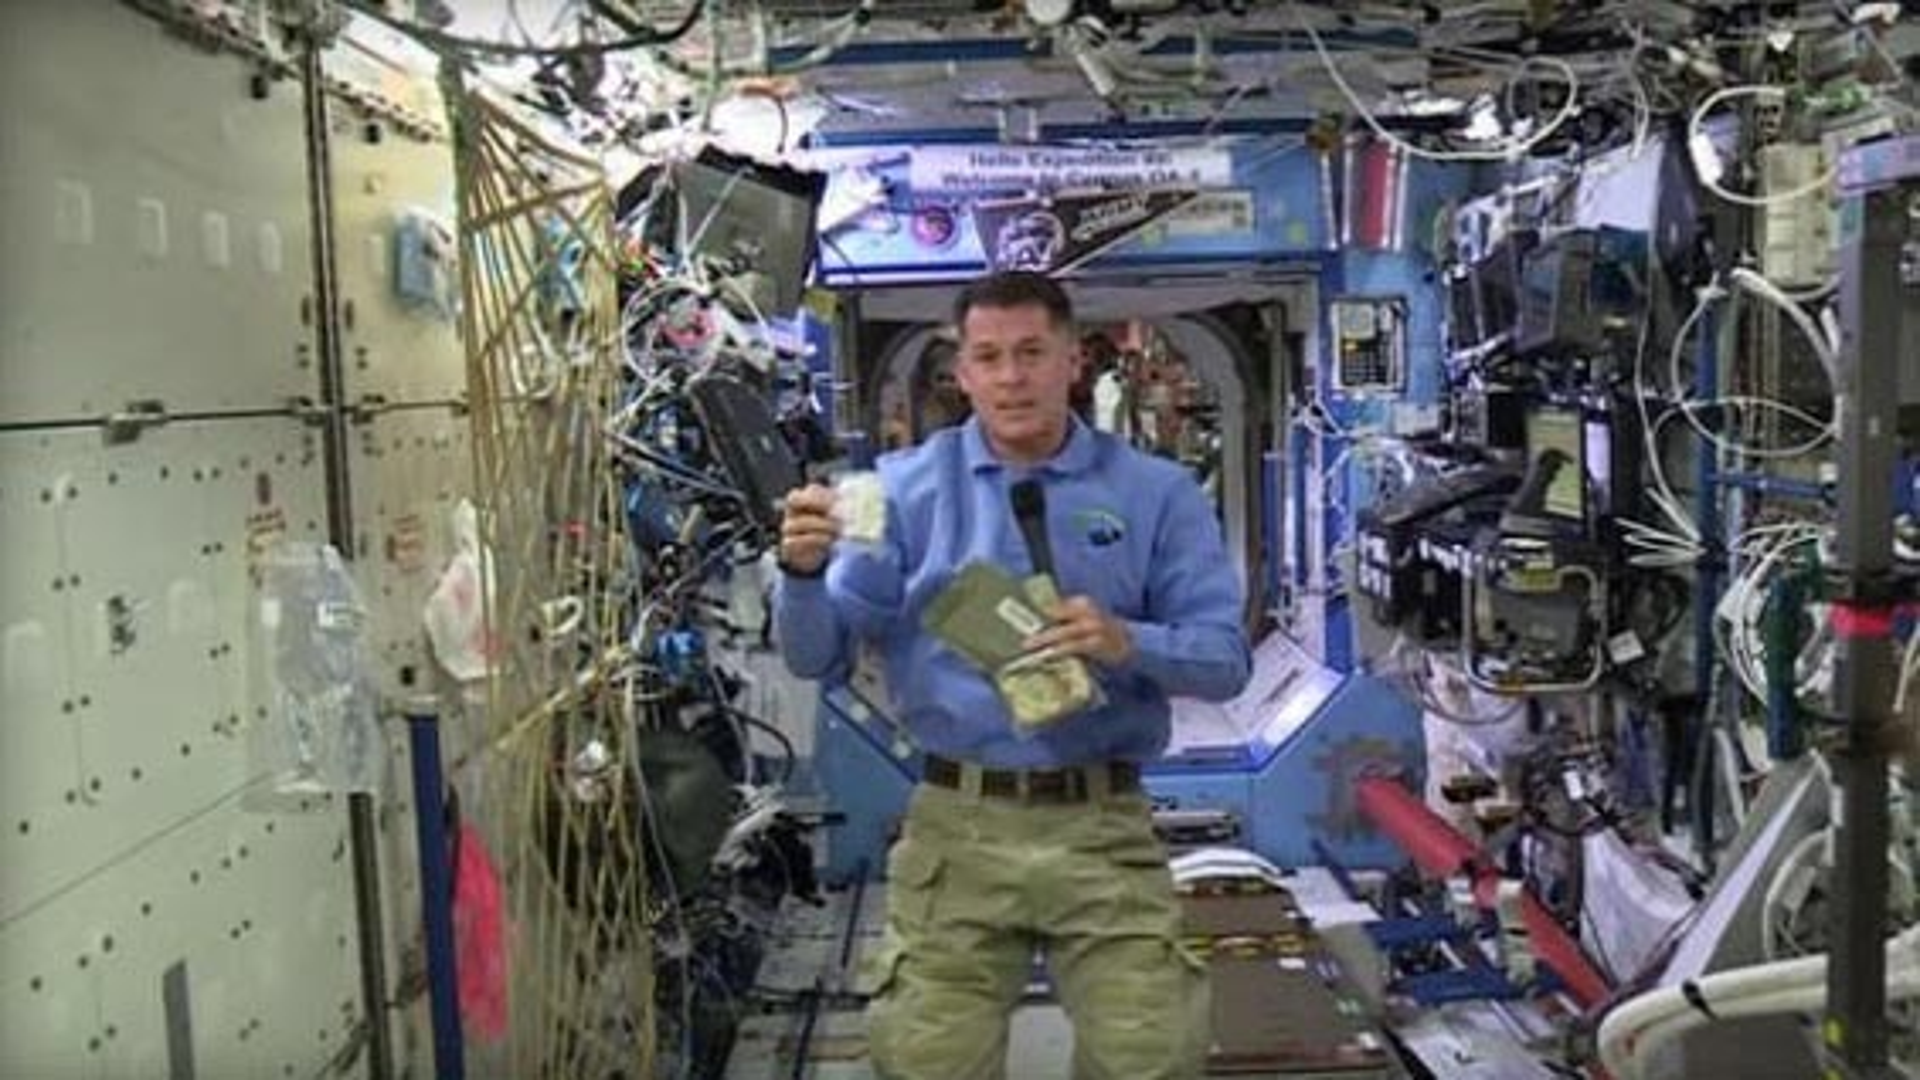 جشن شکرگزاری با صرف بوقلمون فضانوردان ناسا در ایستگاه فضایی بینالمللی | فیلم